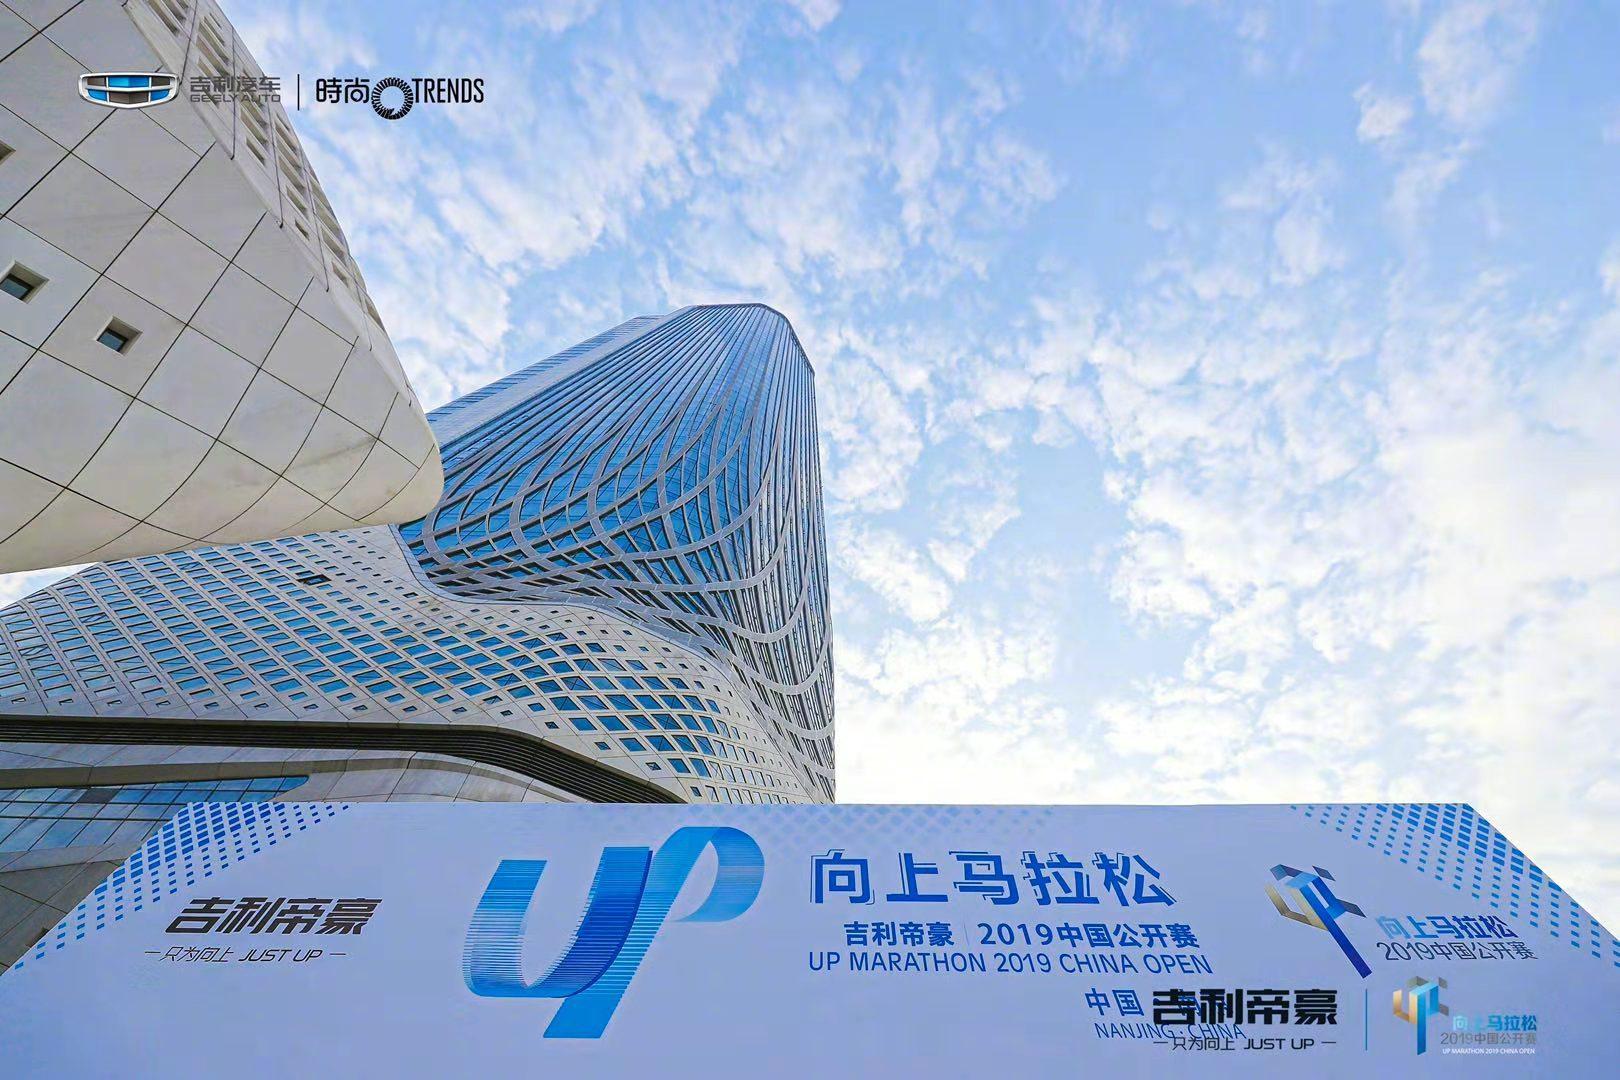 向上之星陈峰宁、莫小奇、贾铮活力助阵500位跑友集结金陵力攀南京